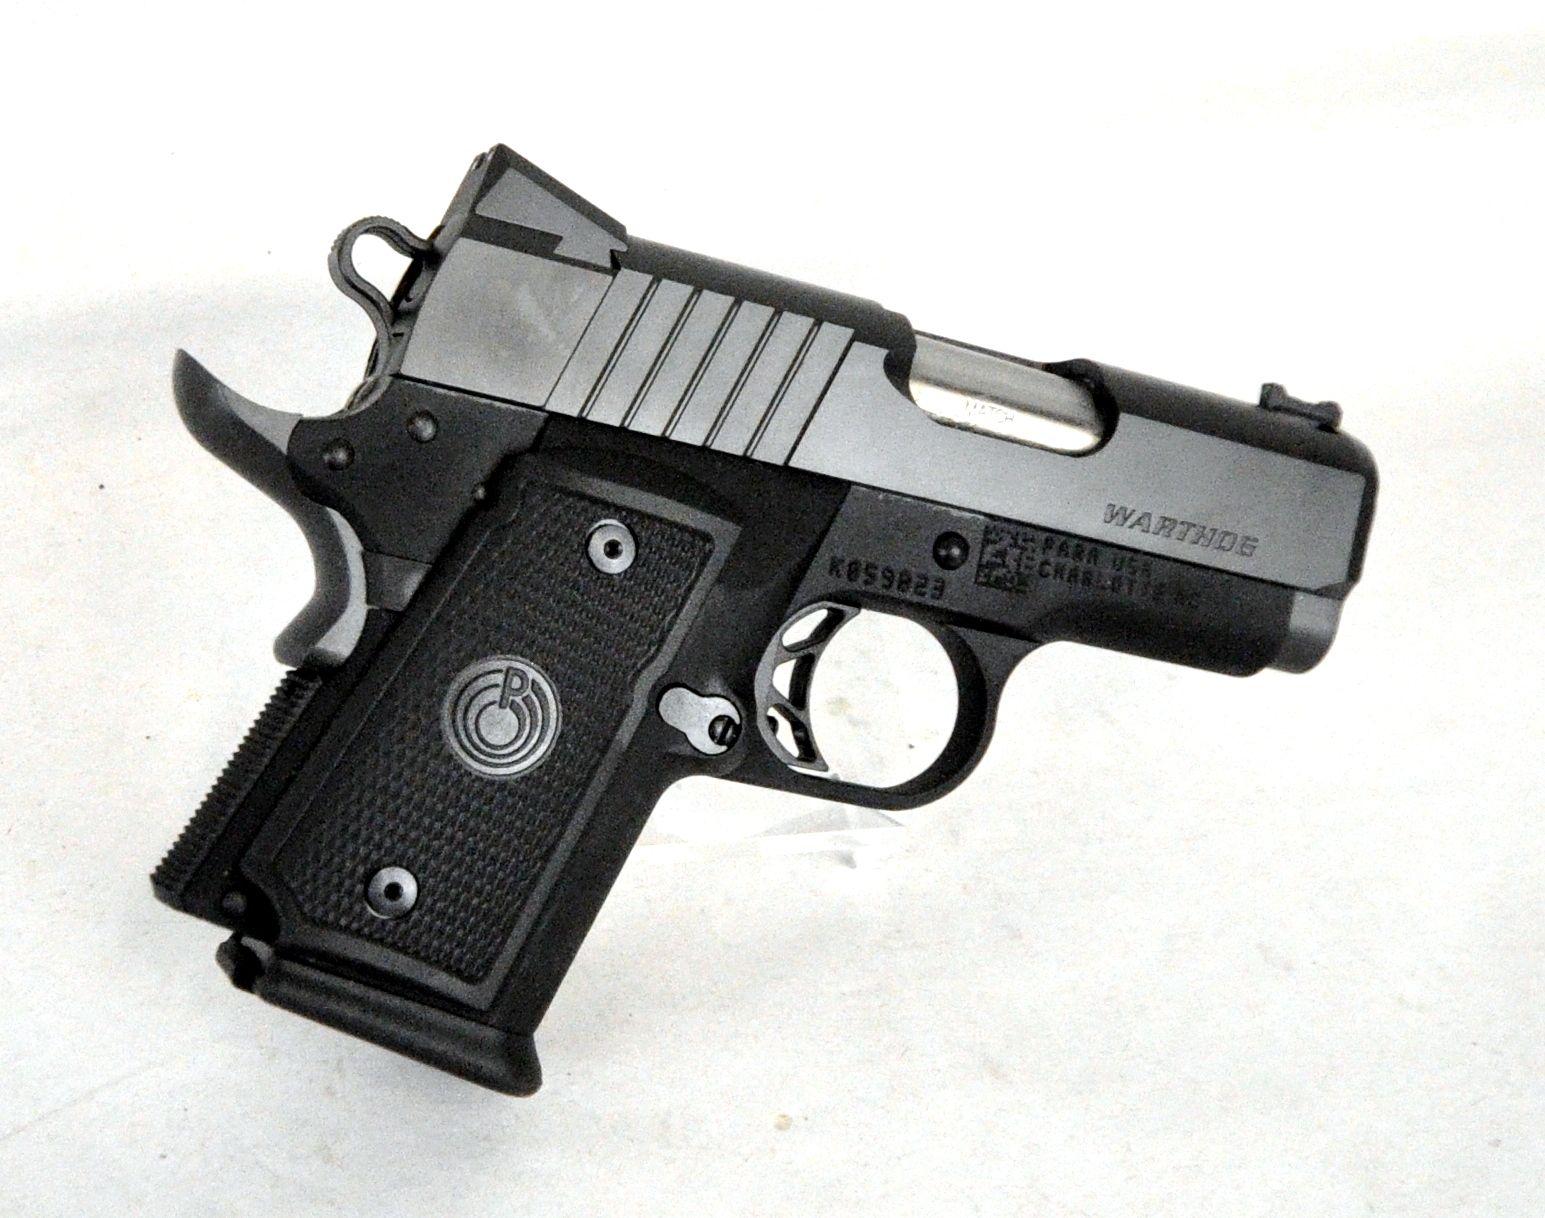 Para USA Warthog .45 ACP. 96600. The Warthog from Para USA is a ...